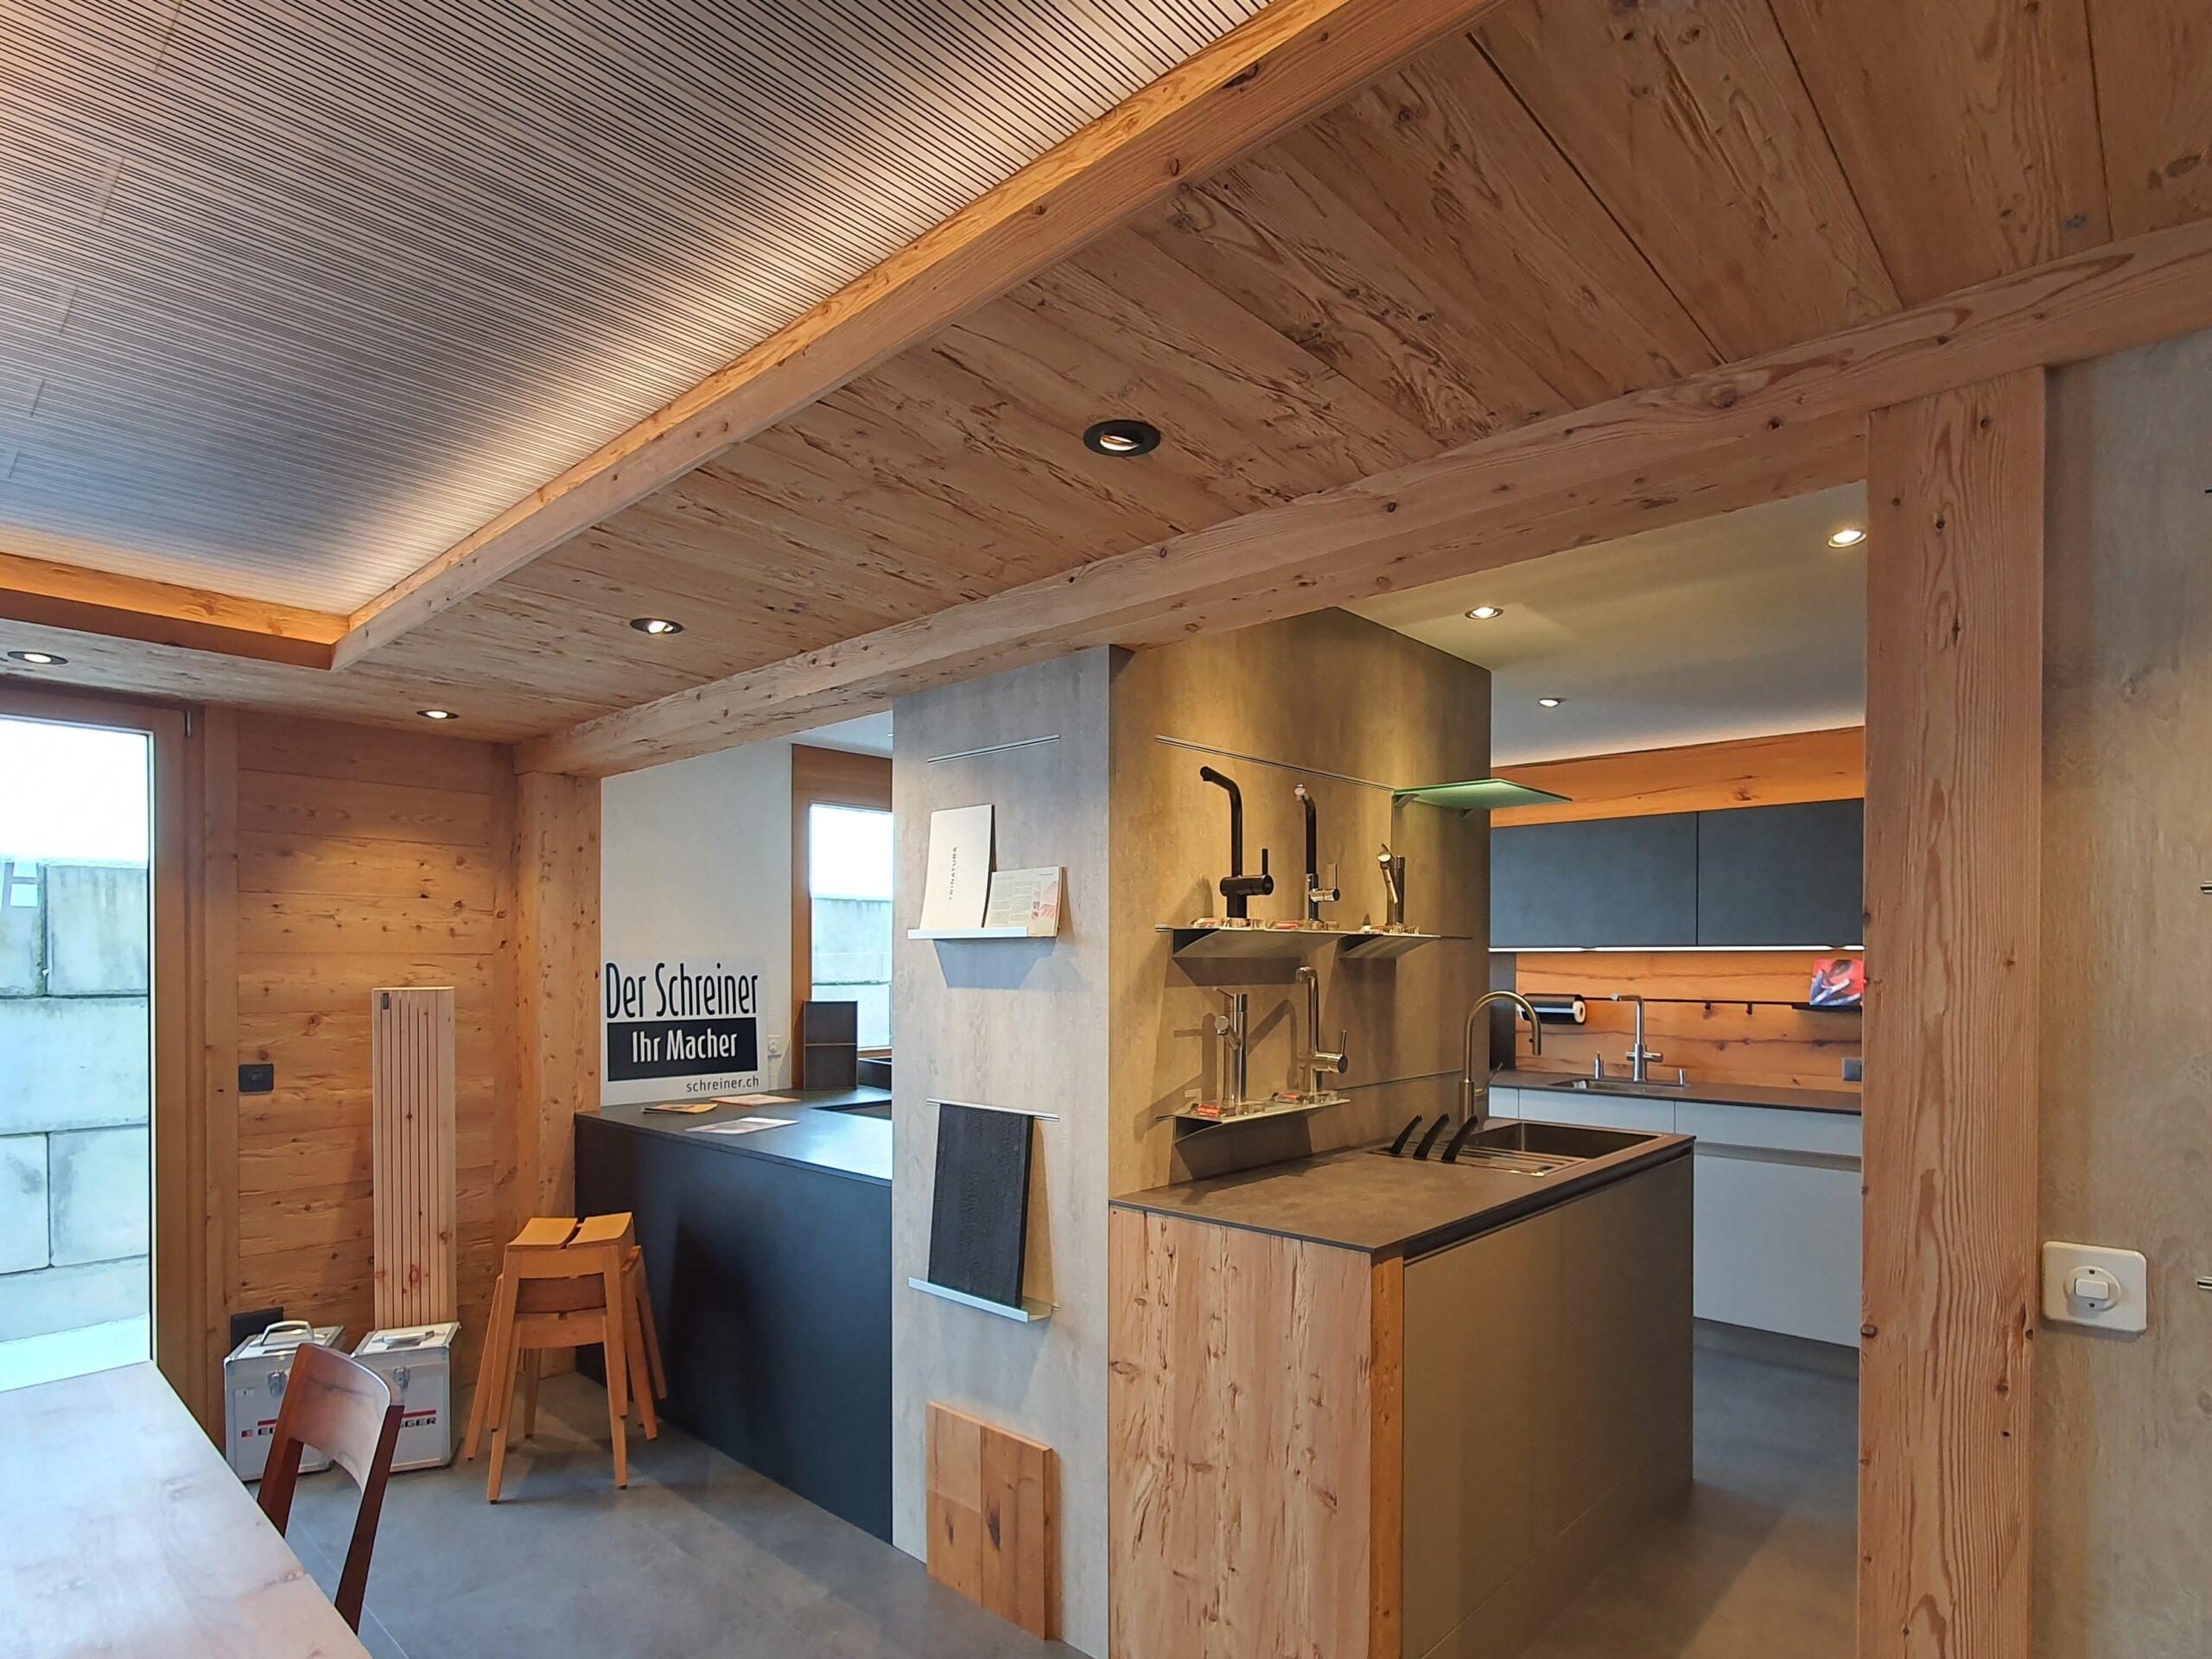 Wooddesign_Holzleuchten_LED-Beleuchtung_Licht_Indirekte Beleuchtung_Direkte Beleuchtung_Holzdesign (31)-min